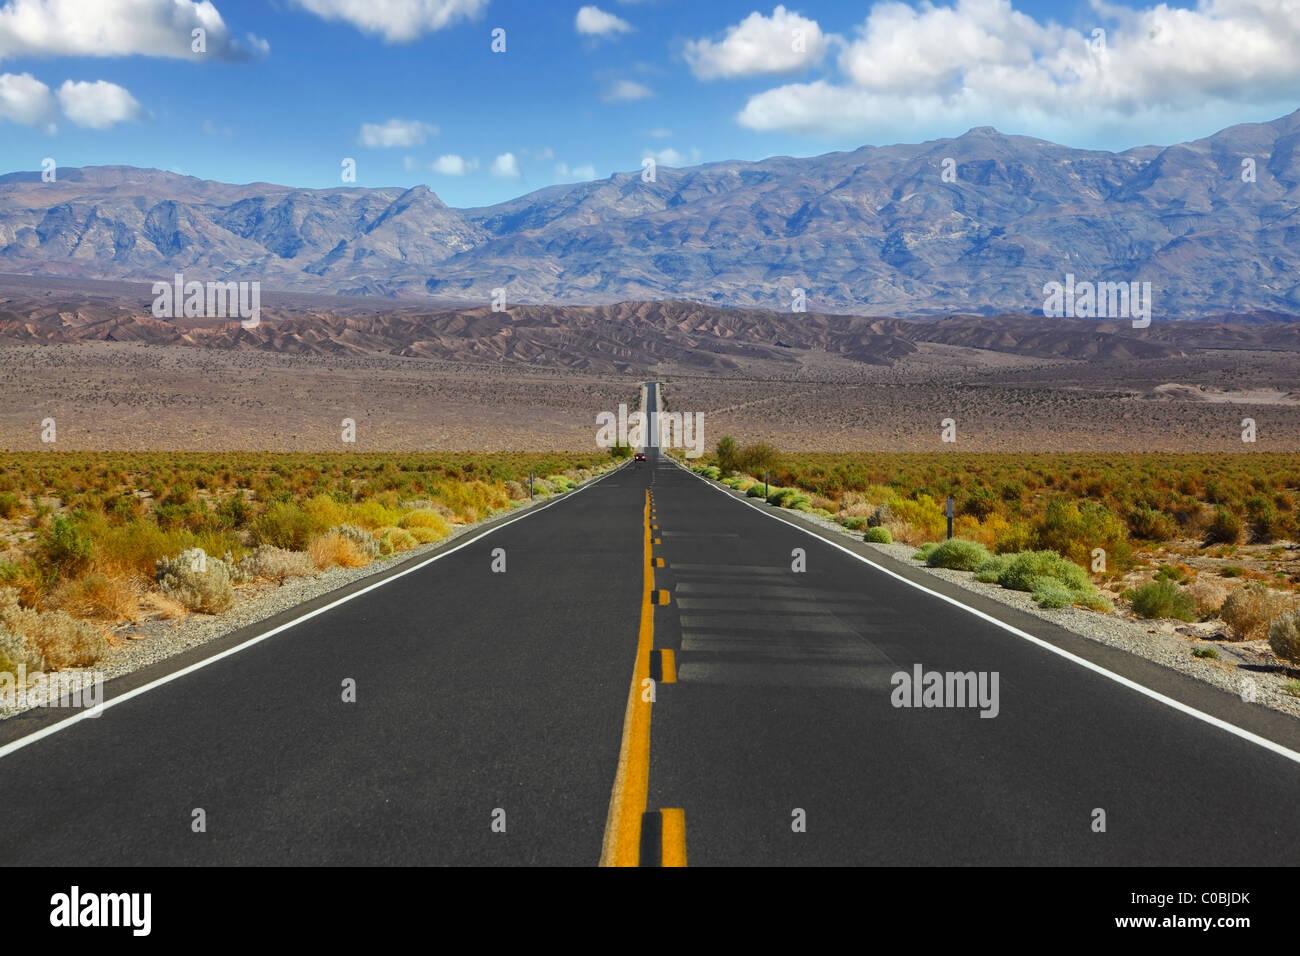 La Lonely auto rossa sulla strada, attraversare enormi di morte la Valley in California. Immagini Stock